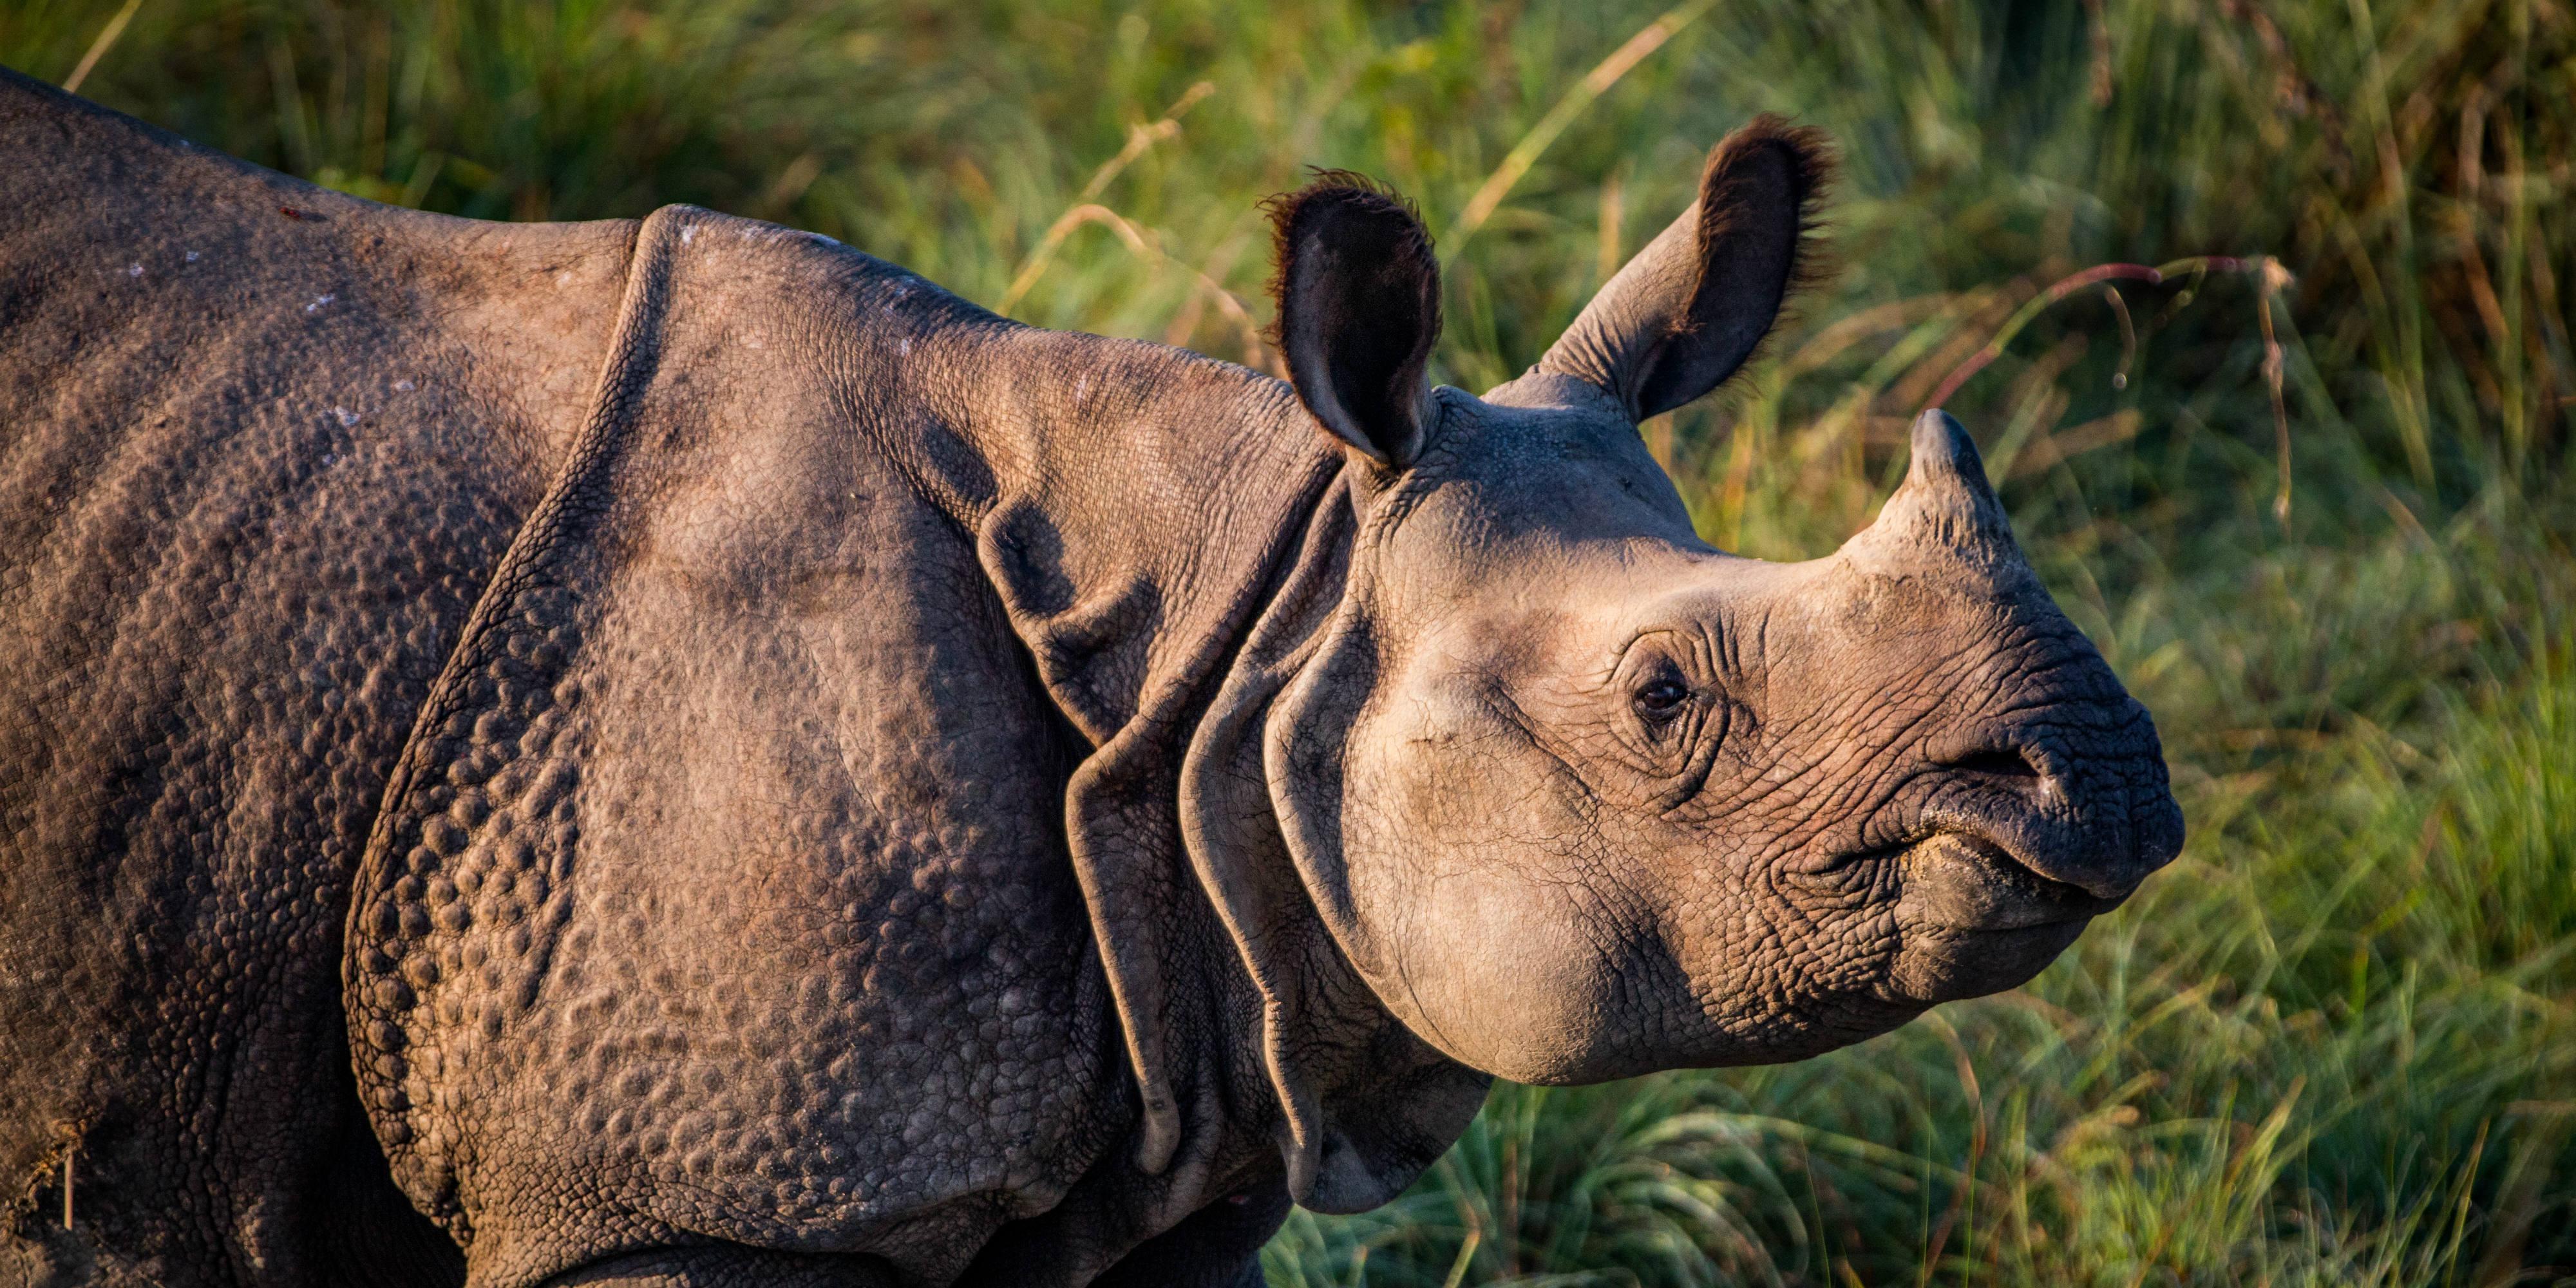 greater one-horned rhinoceros